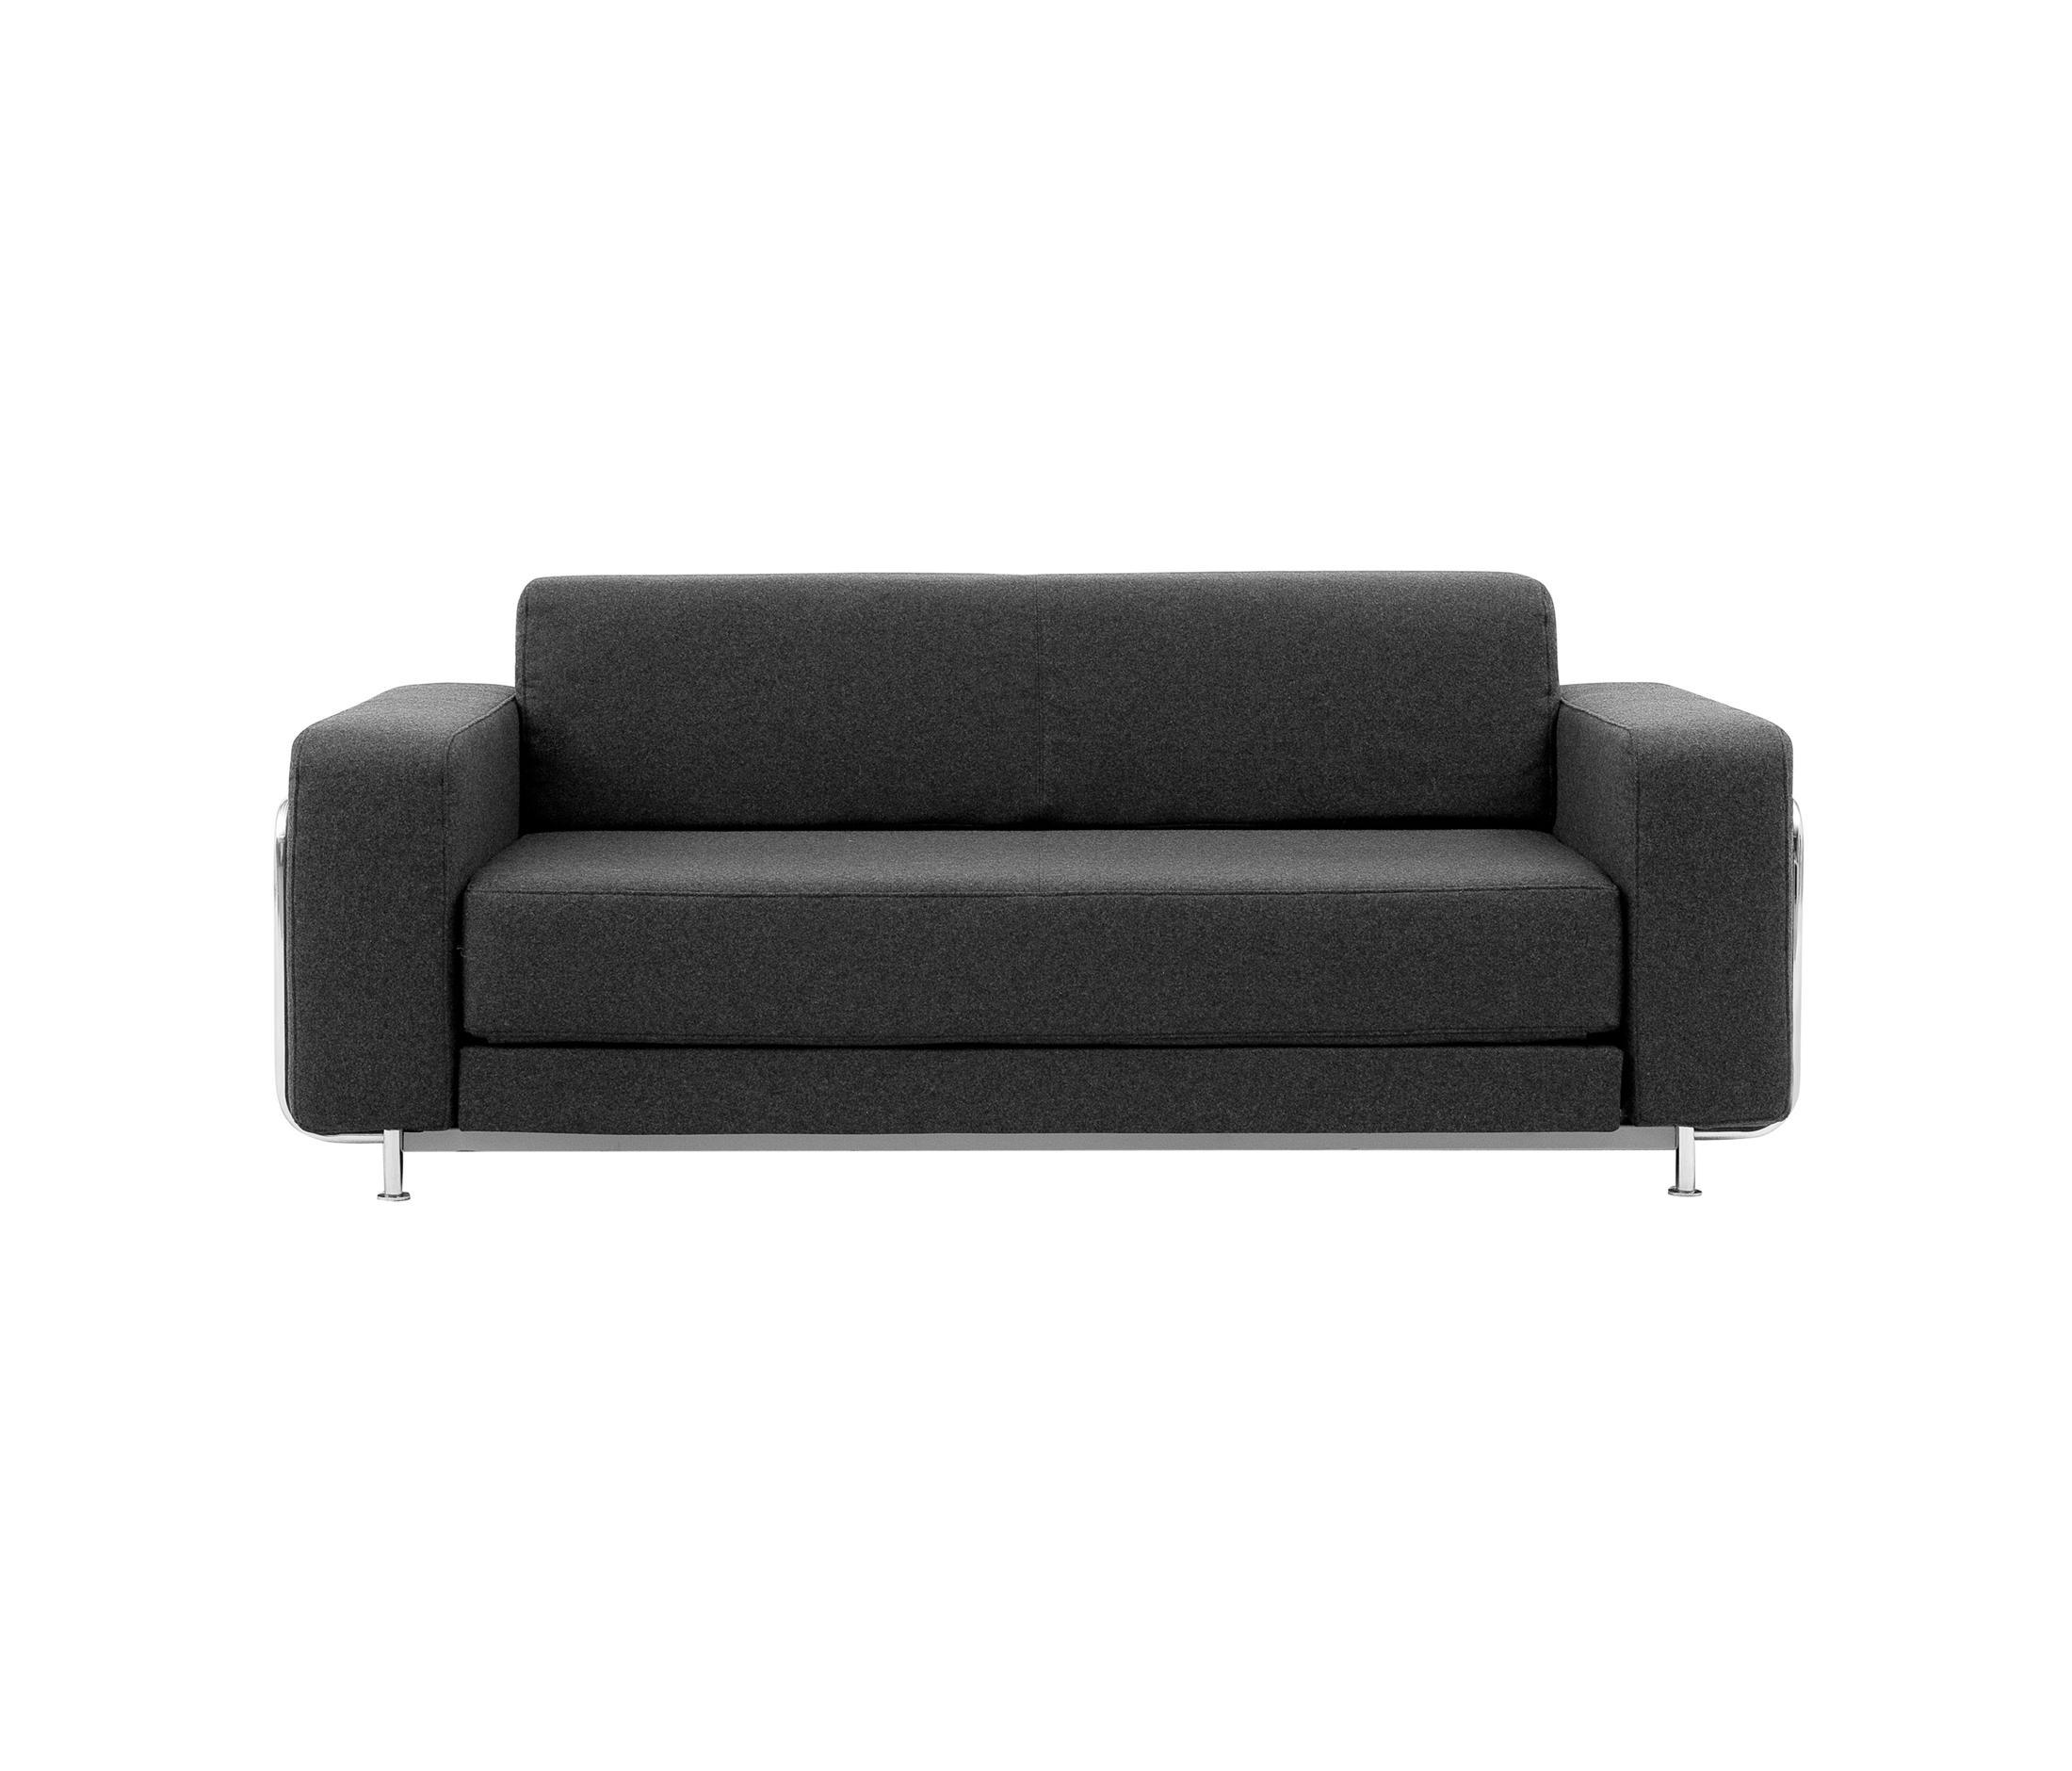 Silver Sofa By Softline A S Sofas